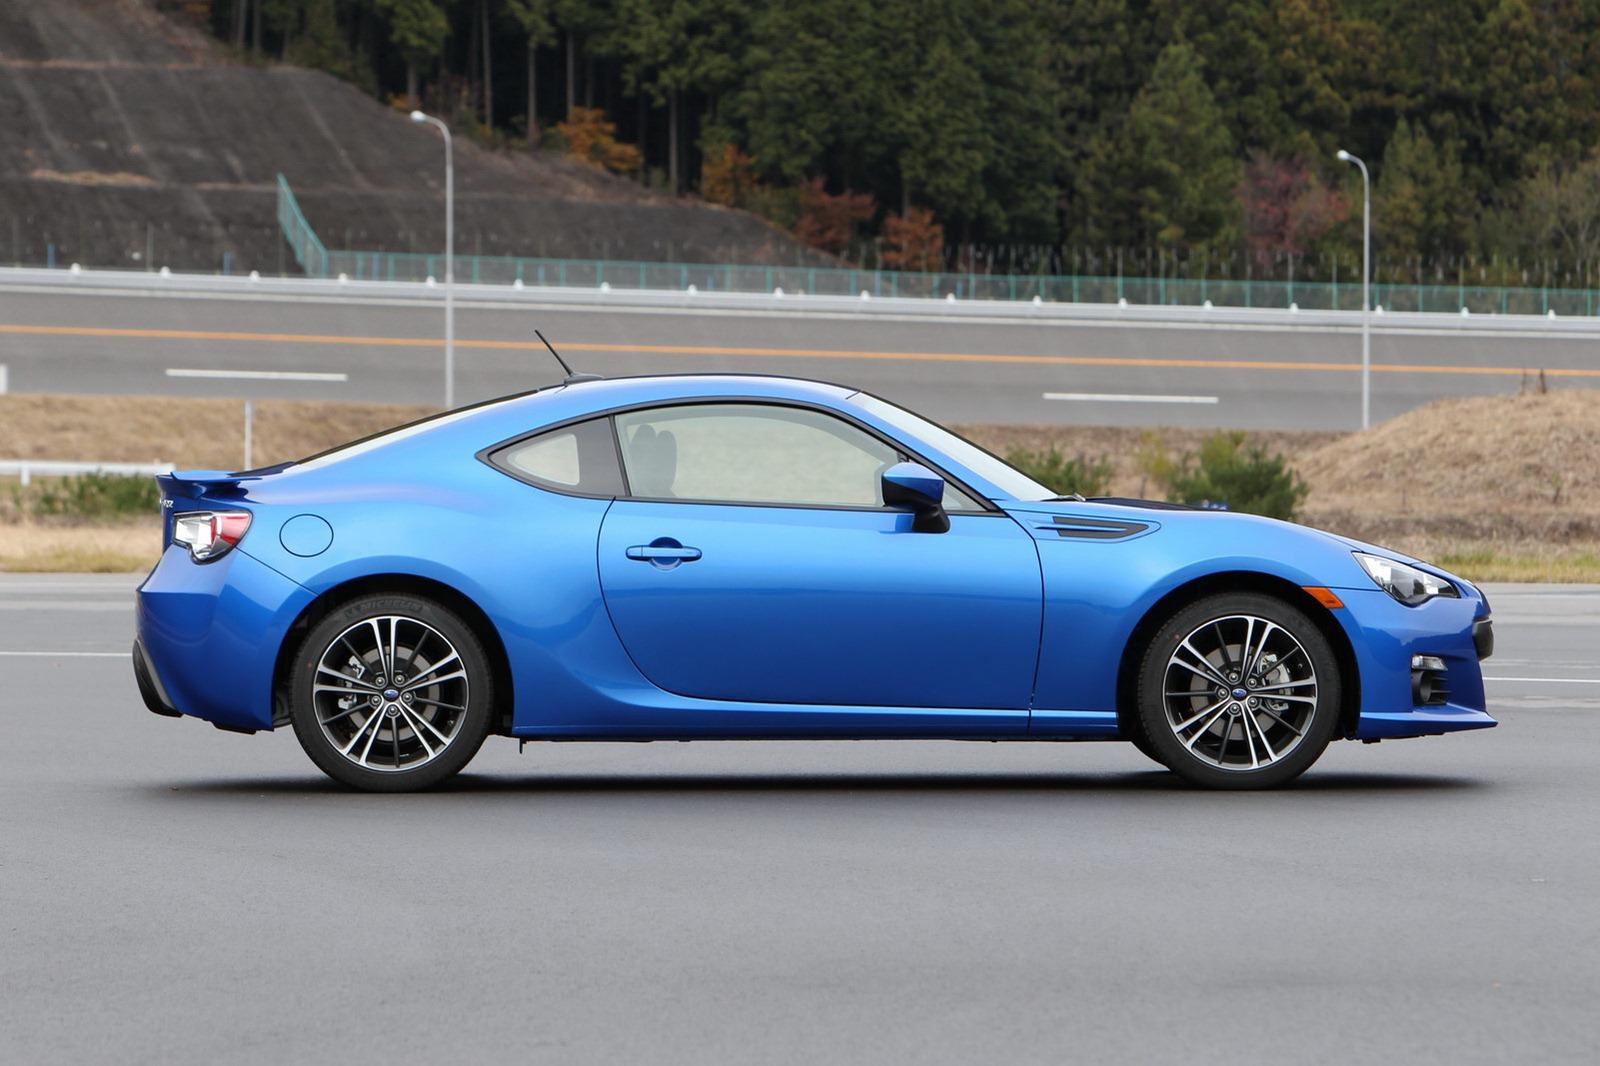 2013-Subaru-BRZ-Coupe-7.jpg?imgmax=1800